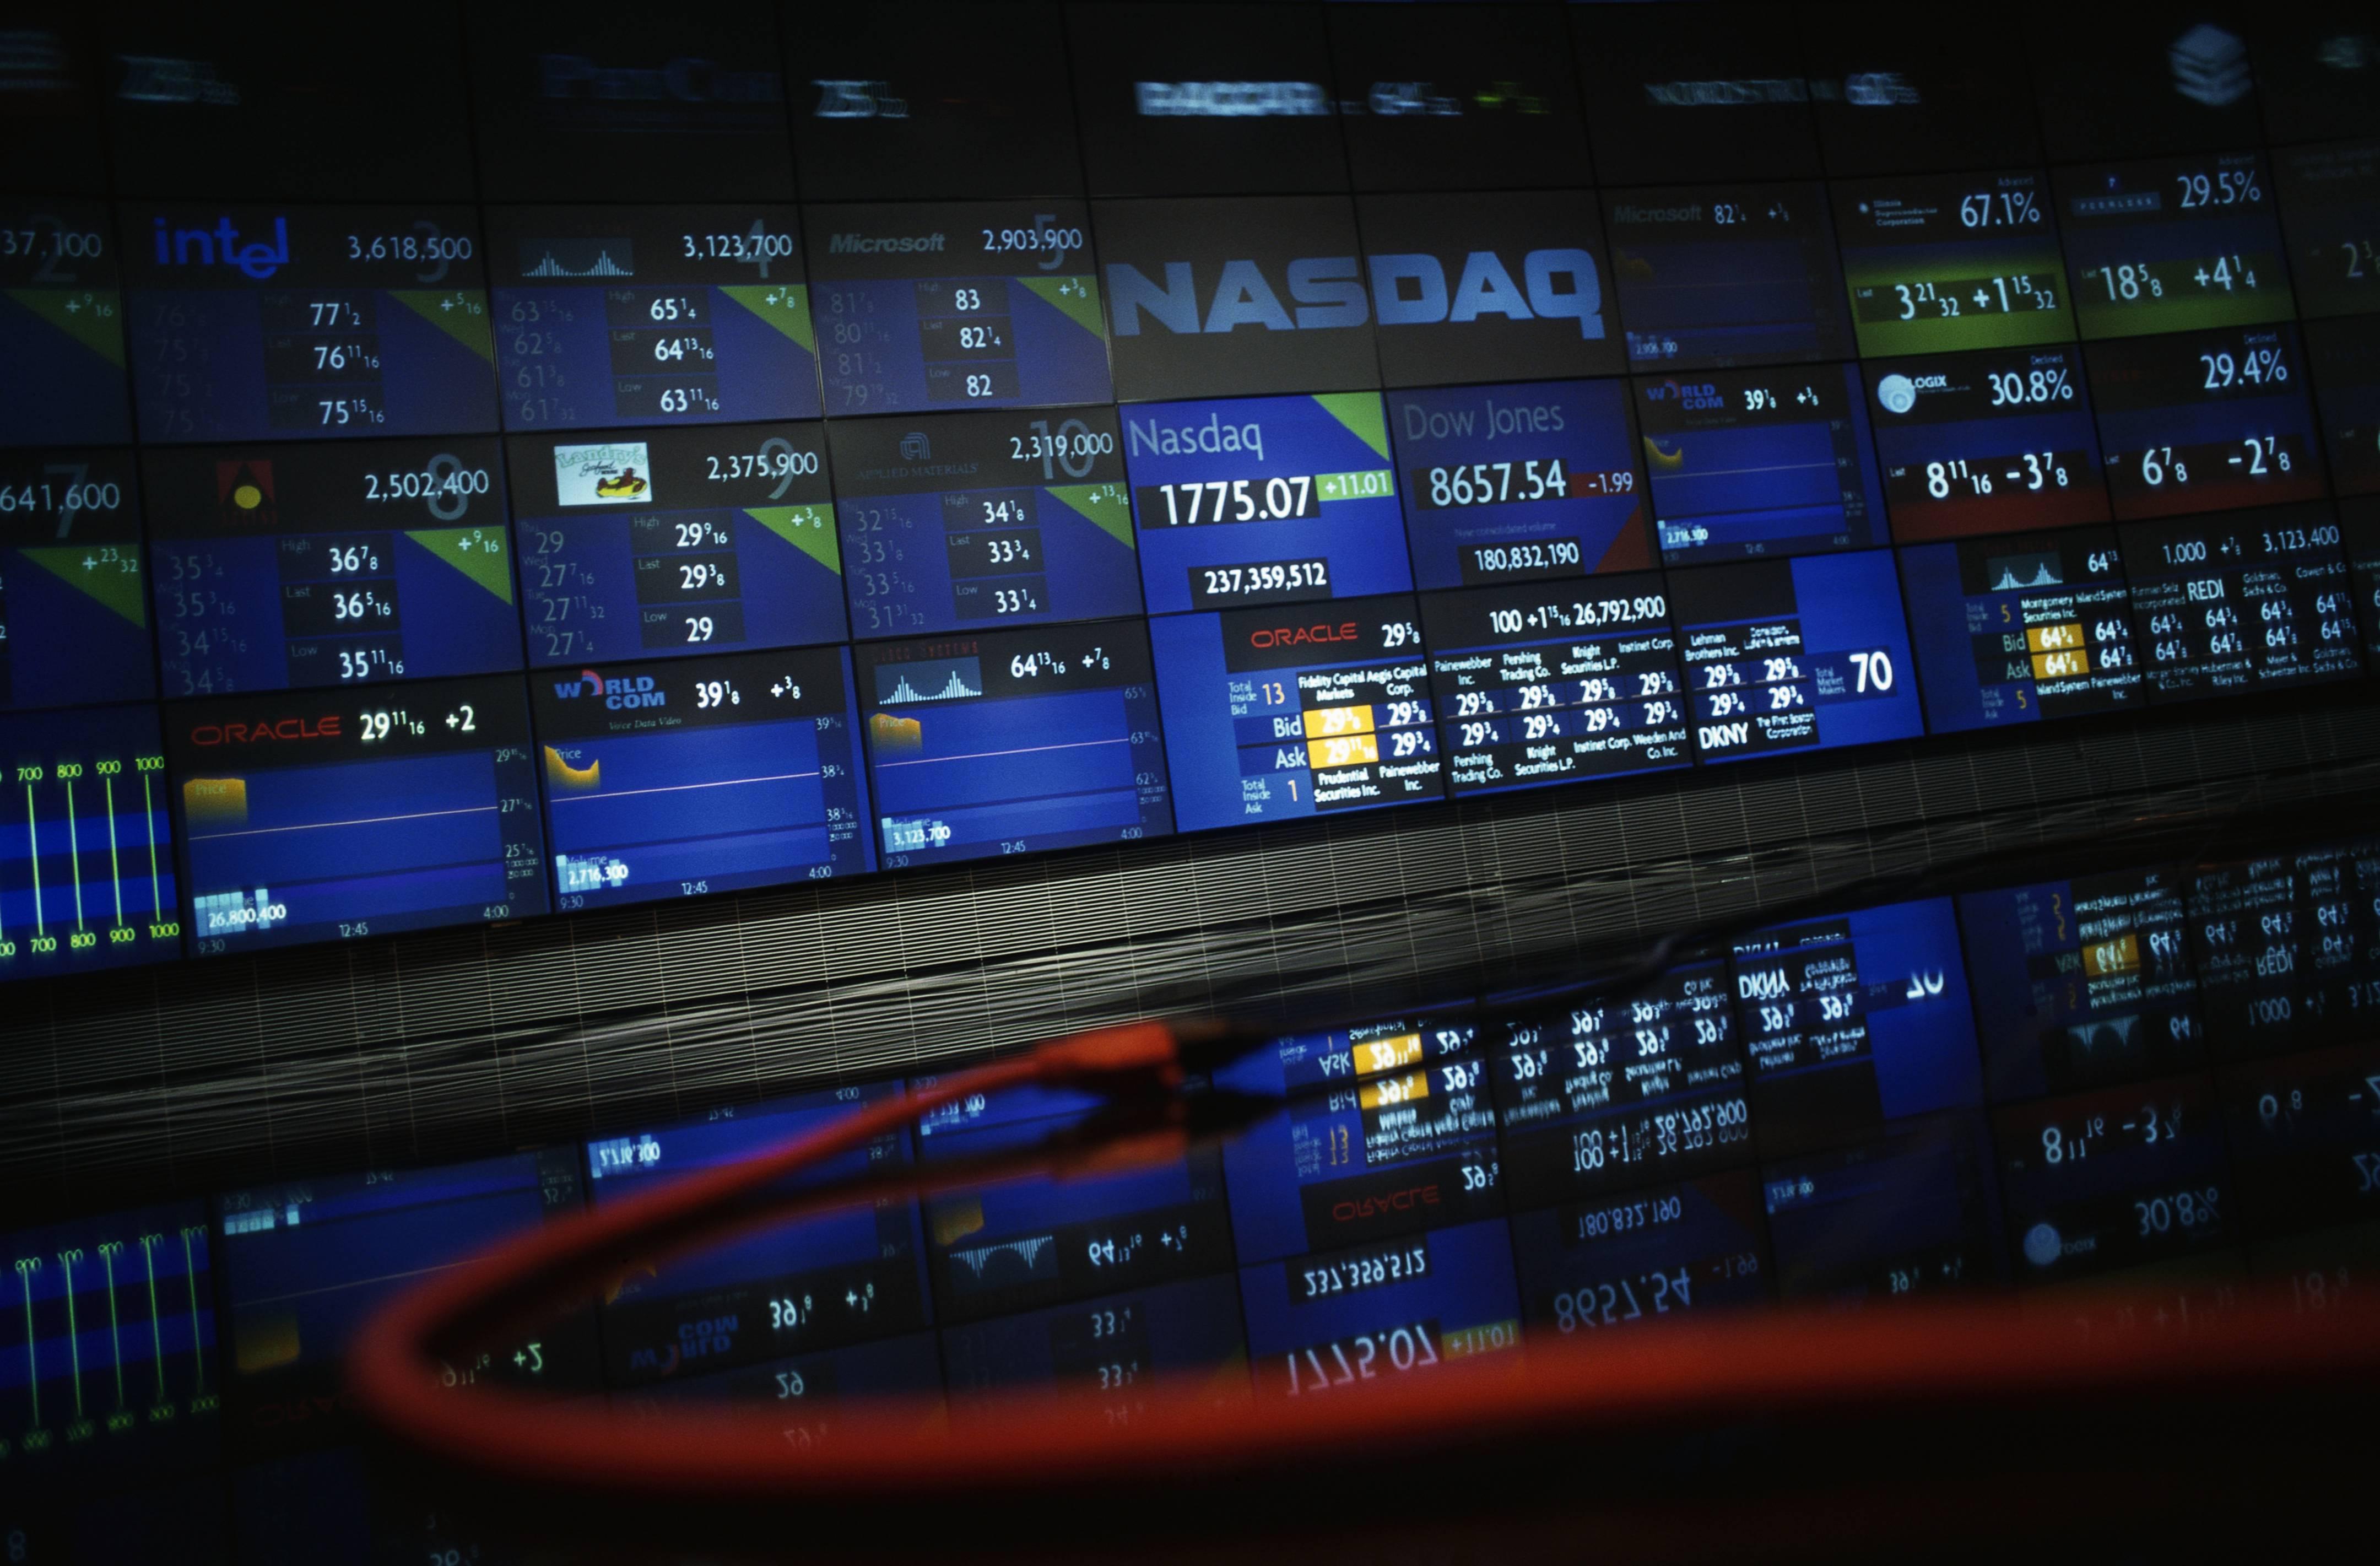 NASDAQ Composite Board